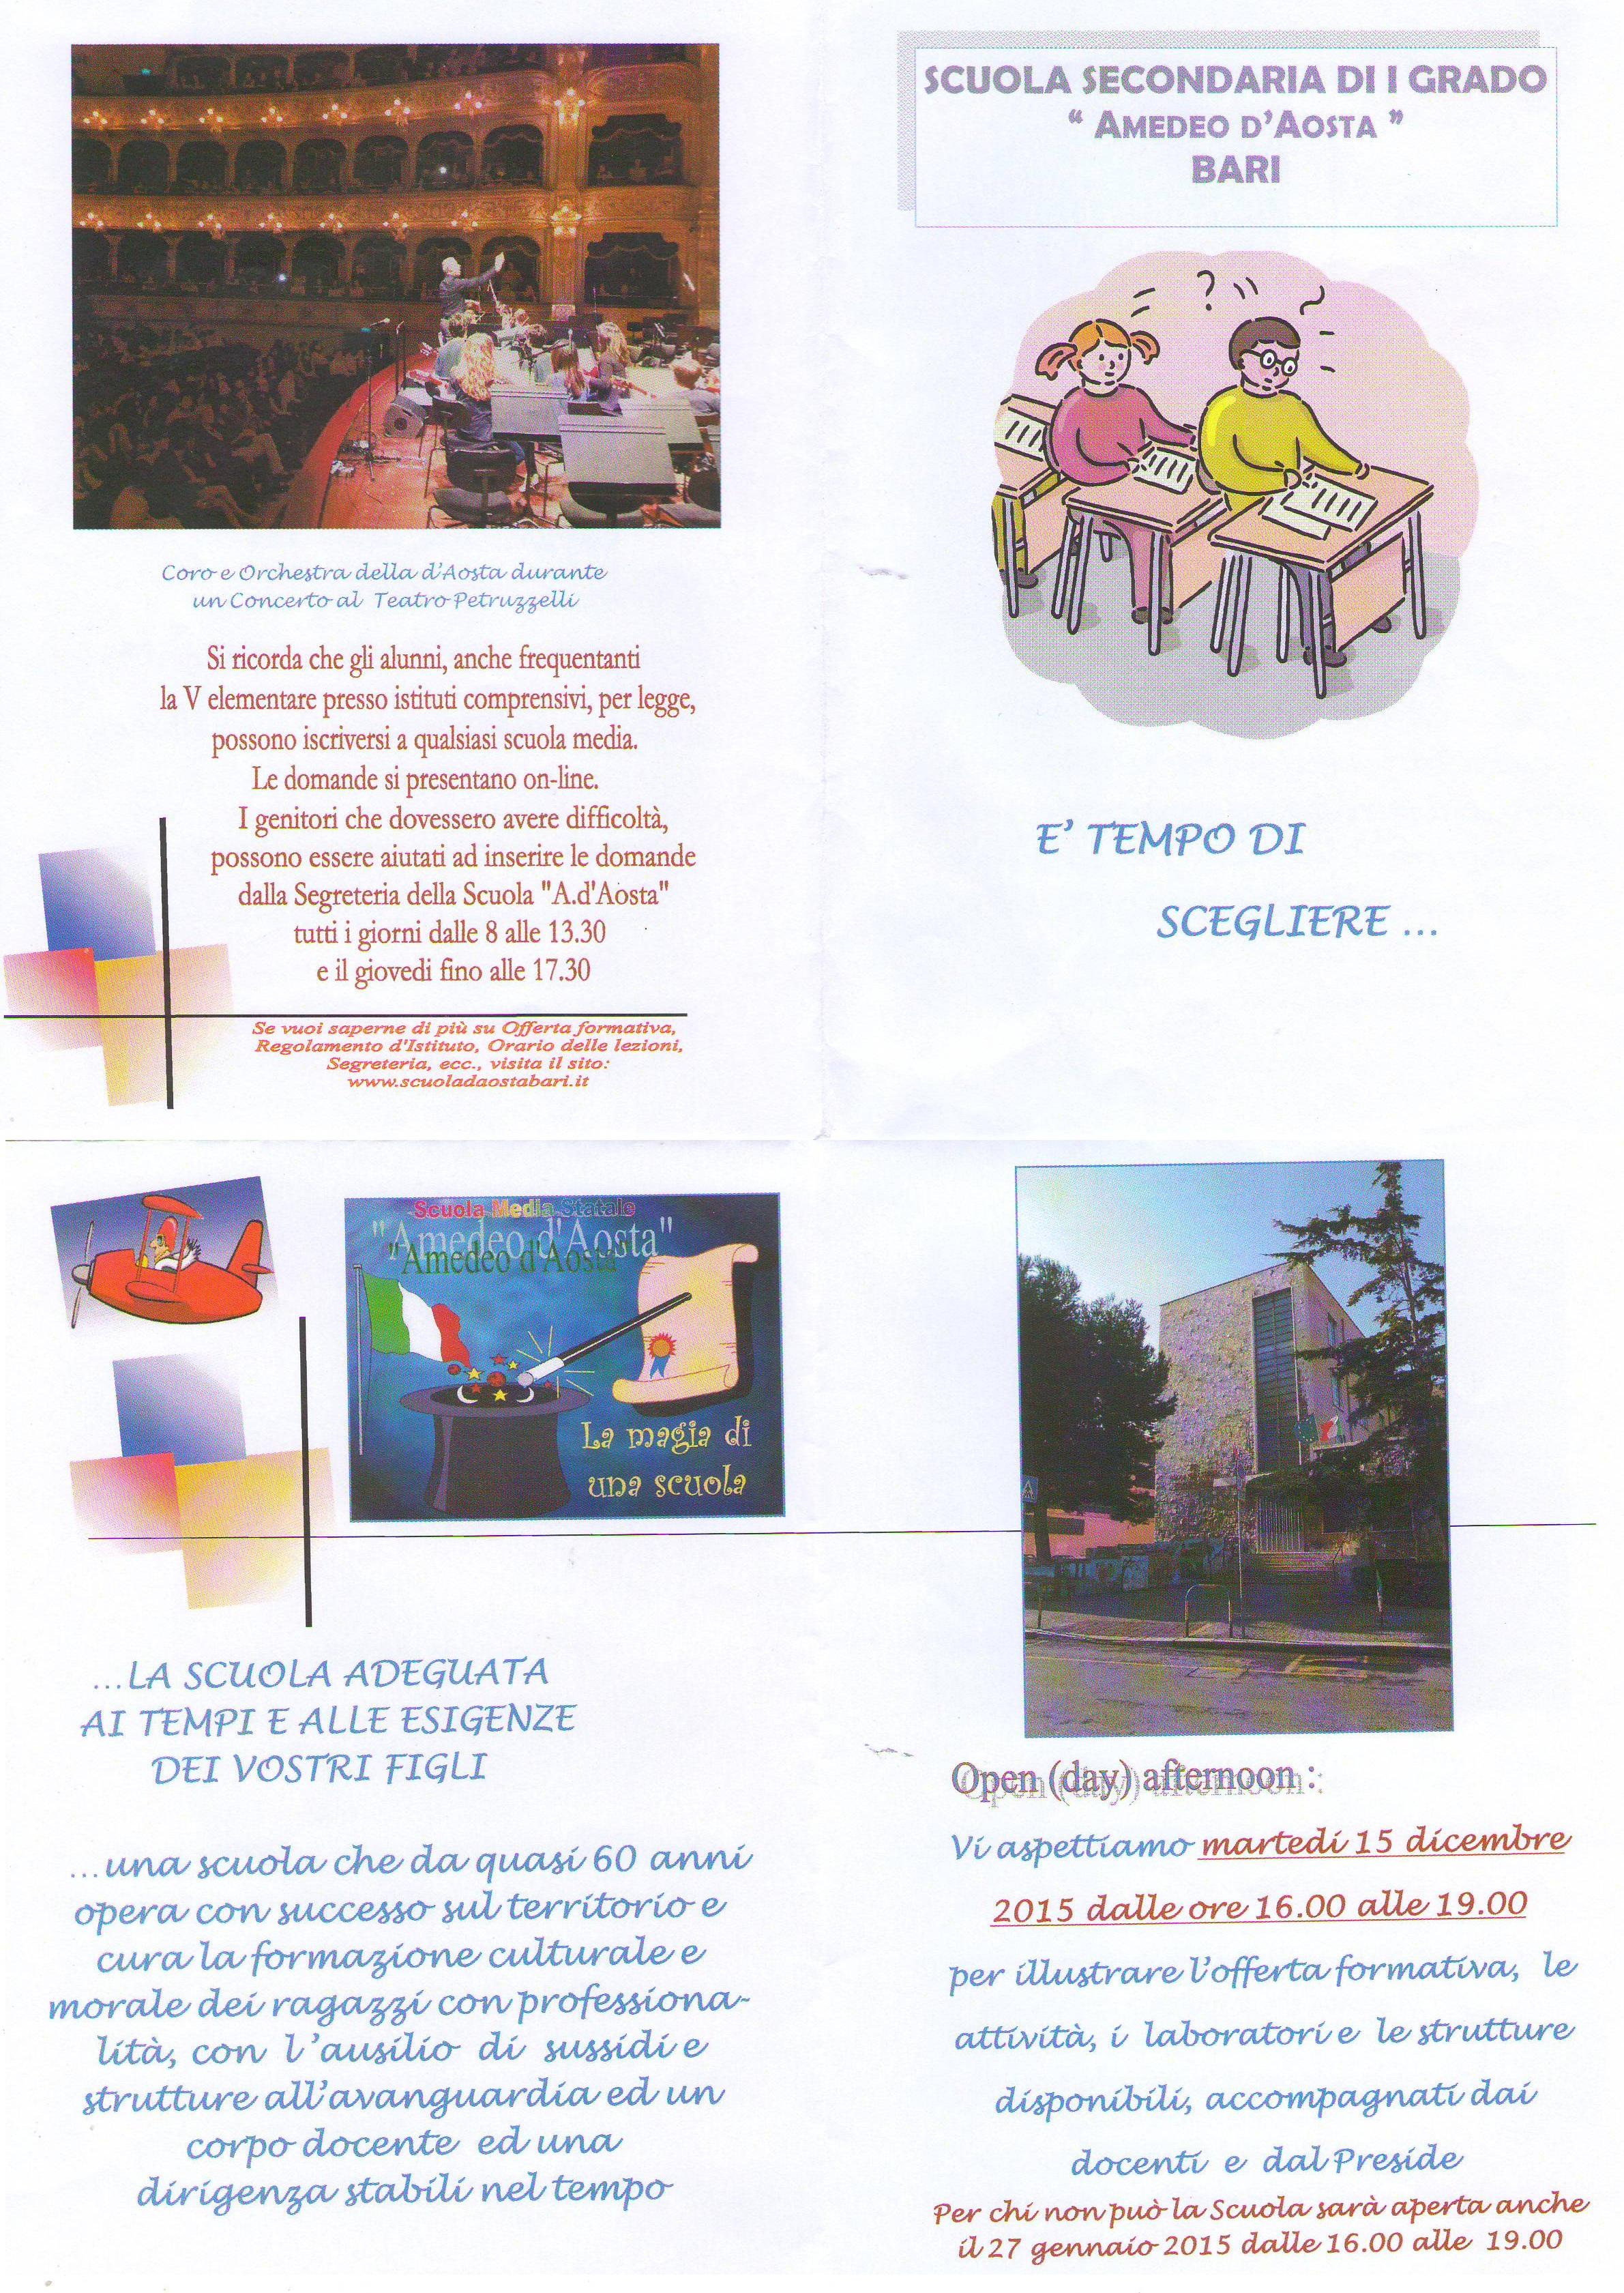 Scuola Re David Bari Calendario Scolastico.Comunicazioni Scuola Famiglia